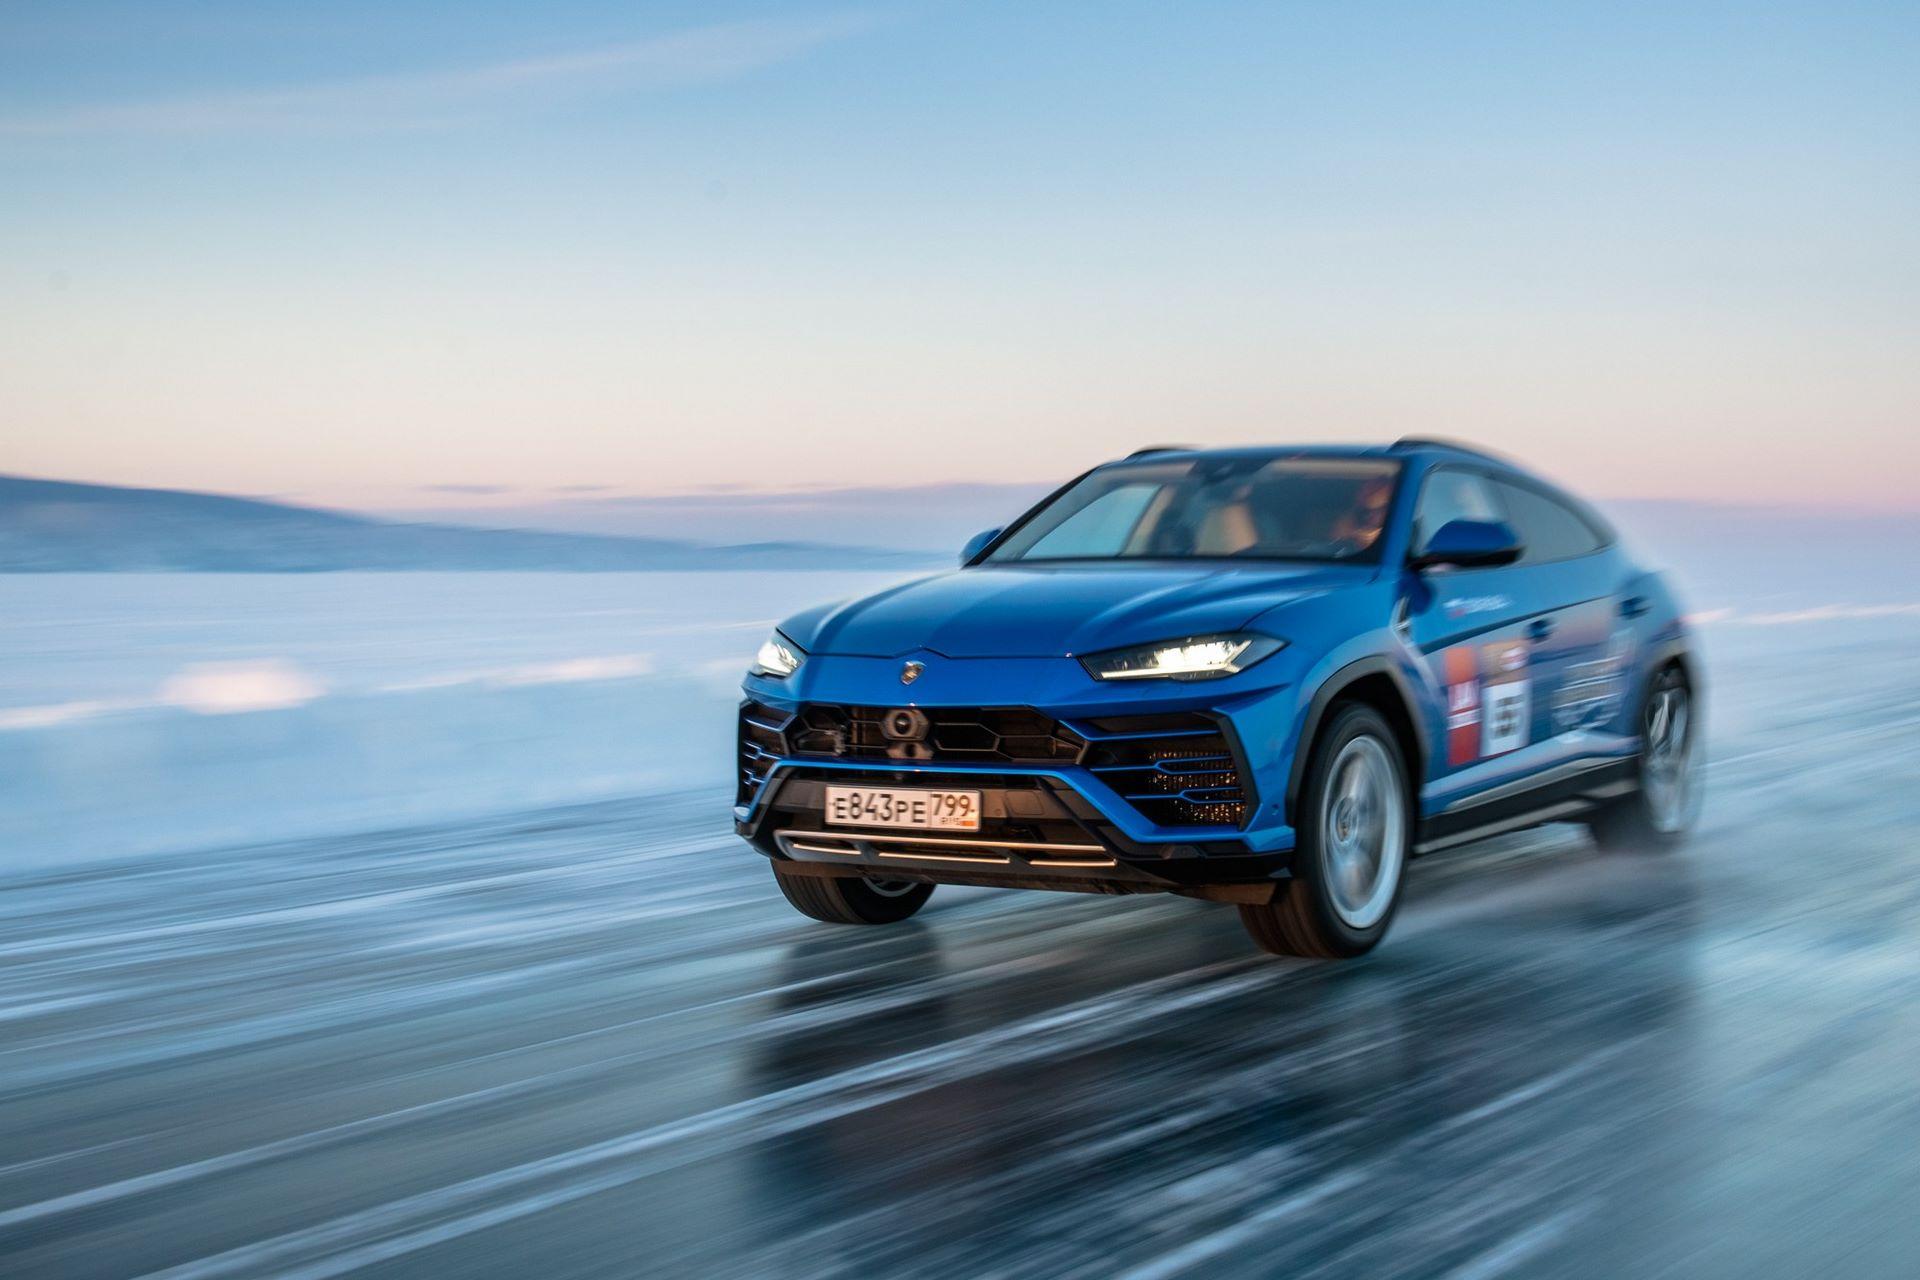 Lamborghini-Urus-Ice-Speed-Record-4